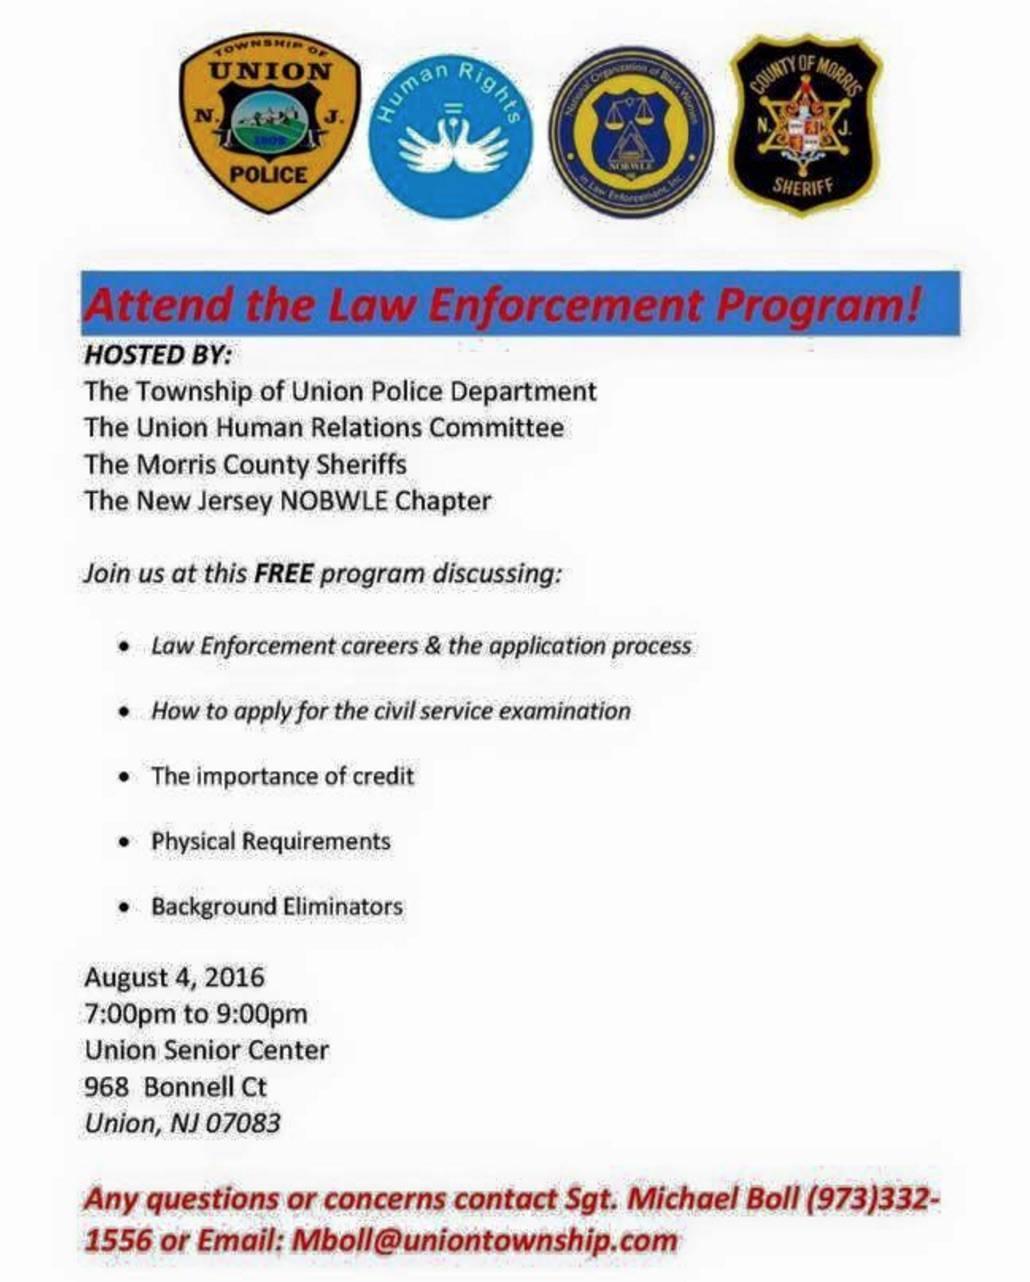 f9a7db6fdf1389ecbfa6_law_enforcement_program_flyer.jpg